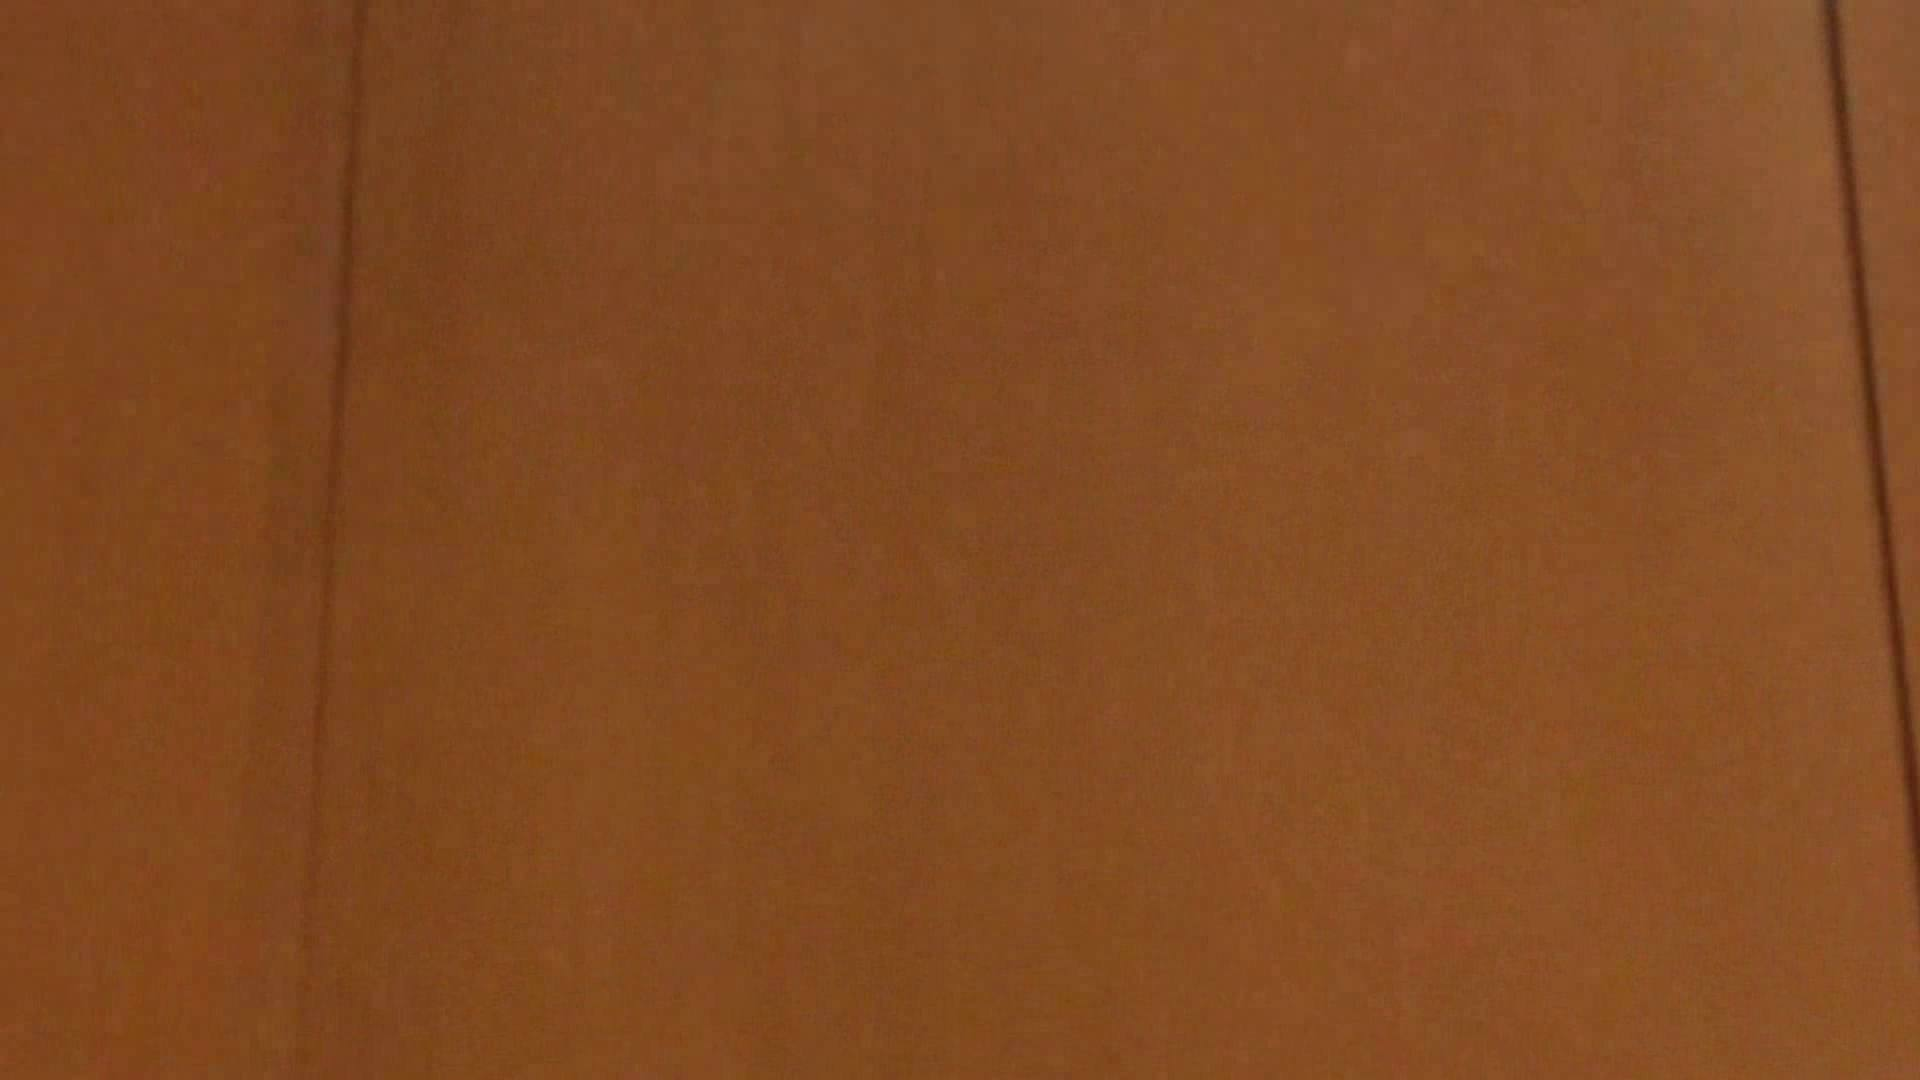 「噂」の国の厠観察日記2 Vol.01 人気シリーズ  51画像 36